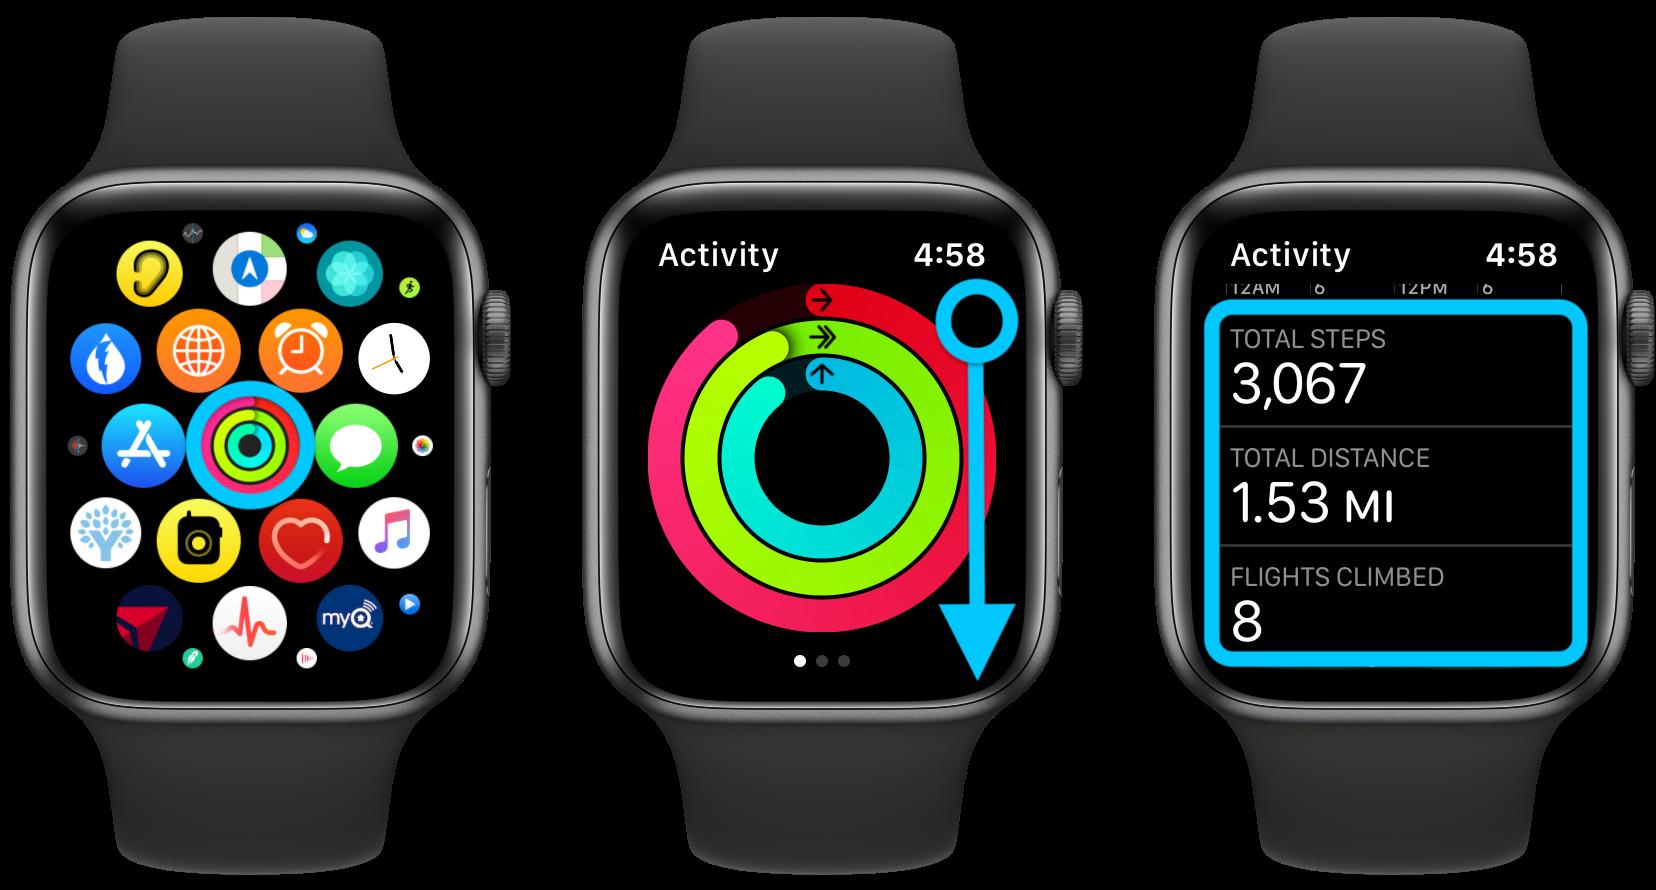 """<span href=""""https://9to5mac.com/2020/02/24/apple-watch-how-to-track-steps/"""">Cómo ver tus pasos con el Apple Watch, incluyendo la distancia y las tendencias</a>"""